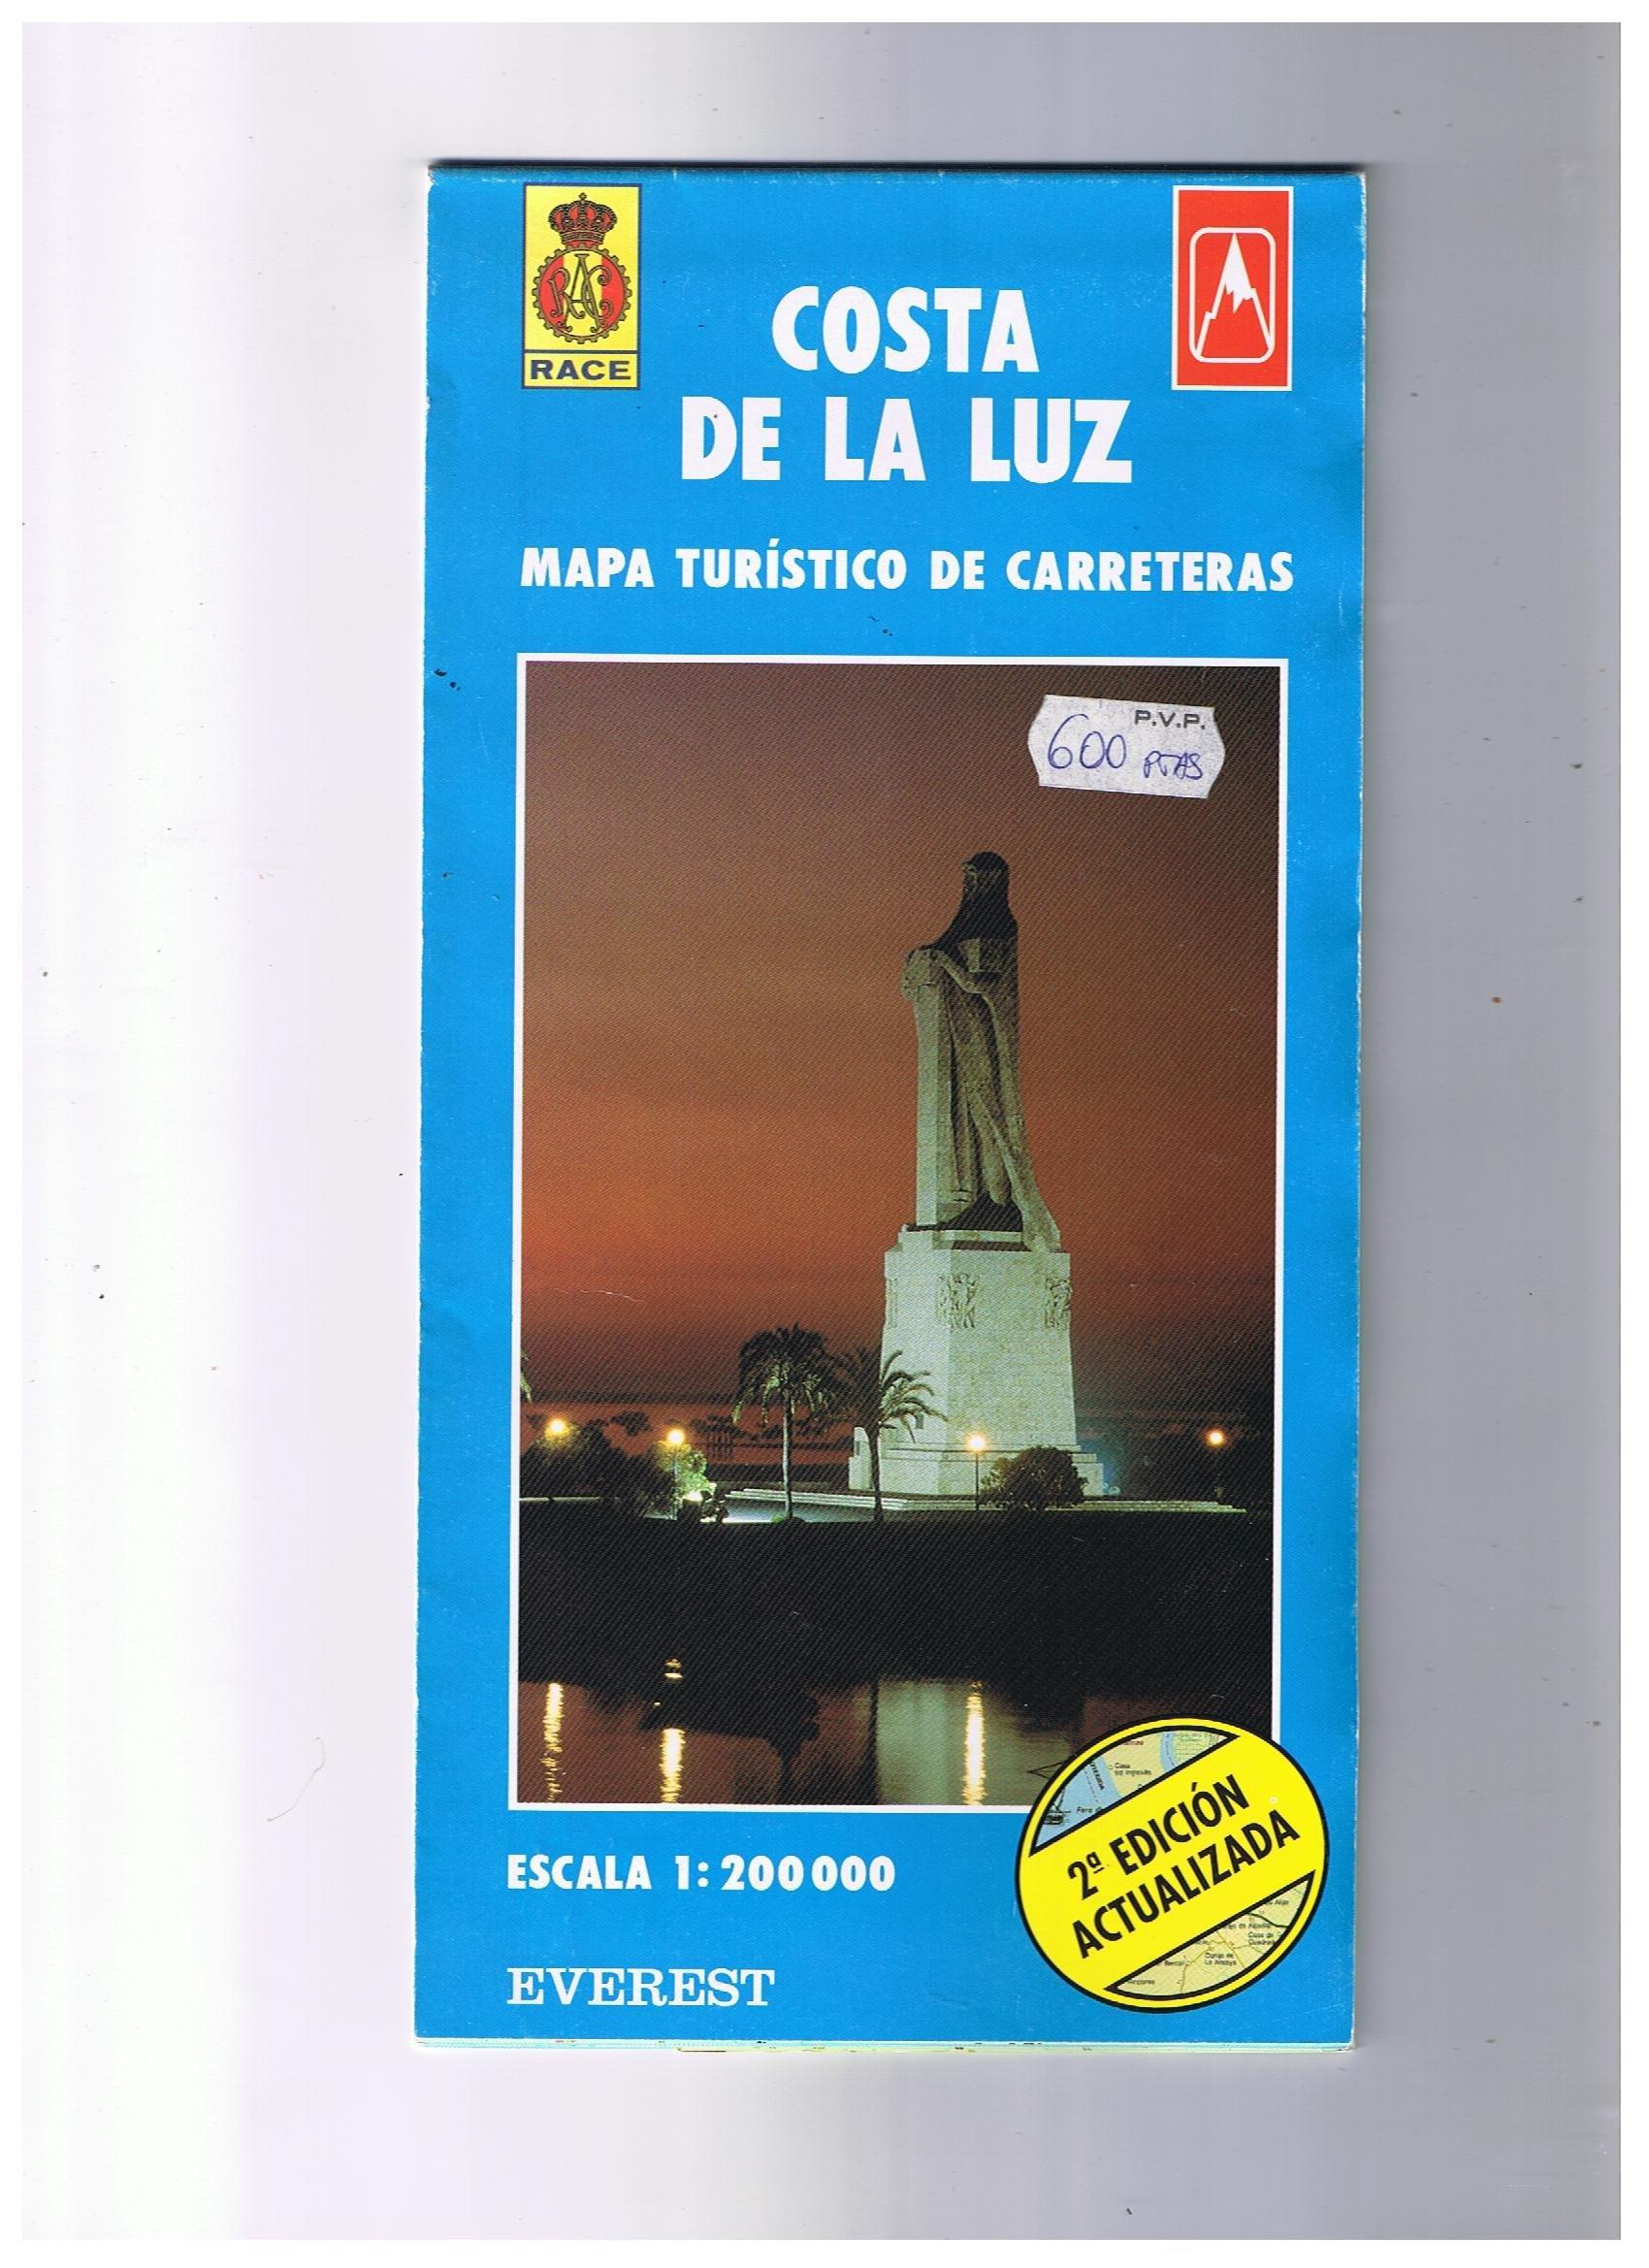 Mapa turístico de la Costa de la Luz: Mapa turístico de carreteras Mapas de Costas de España / serie azul: Amazon.es: Cartografía Everest: Libros